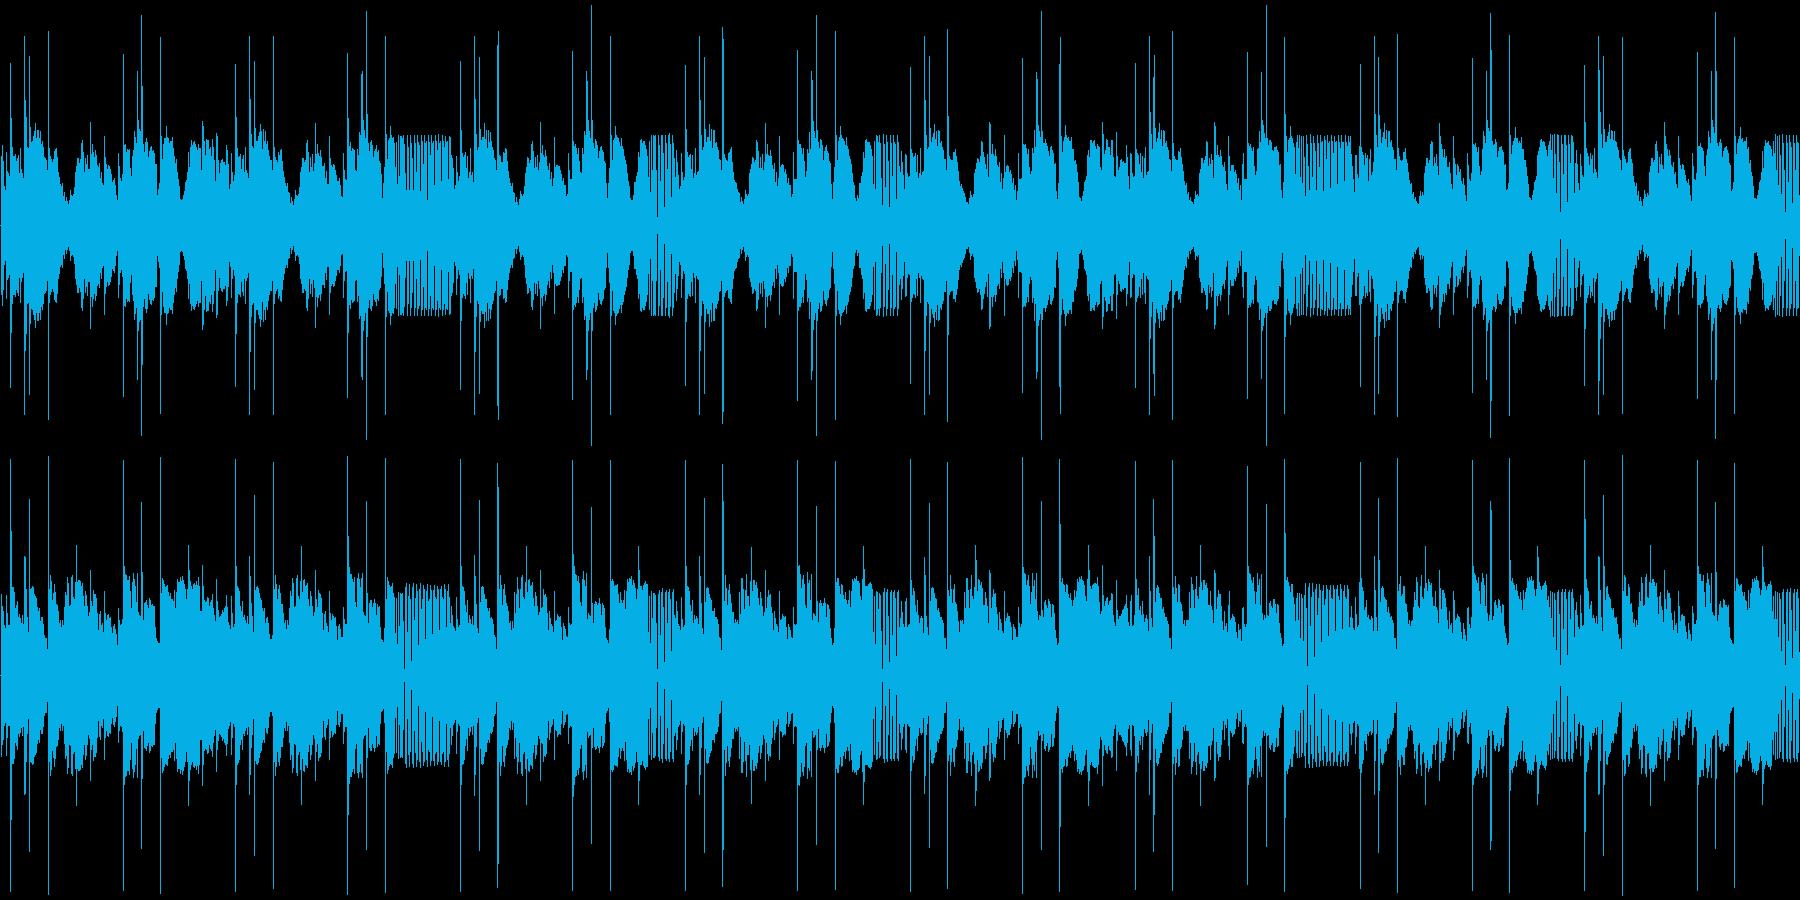 【和風/オリエンタル/エレクトロニカ】の再生済みの波形